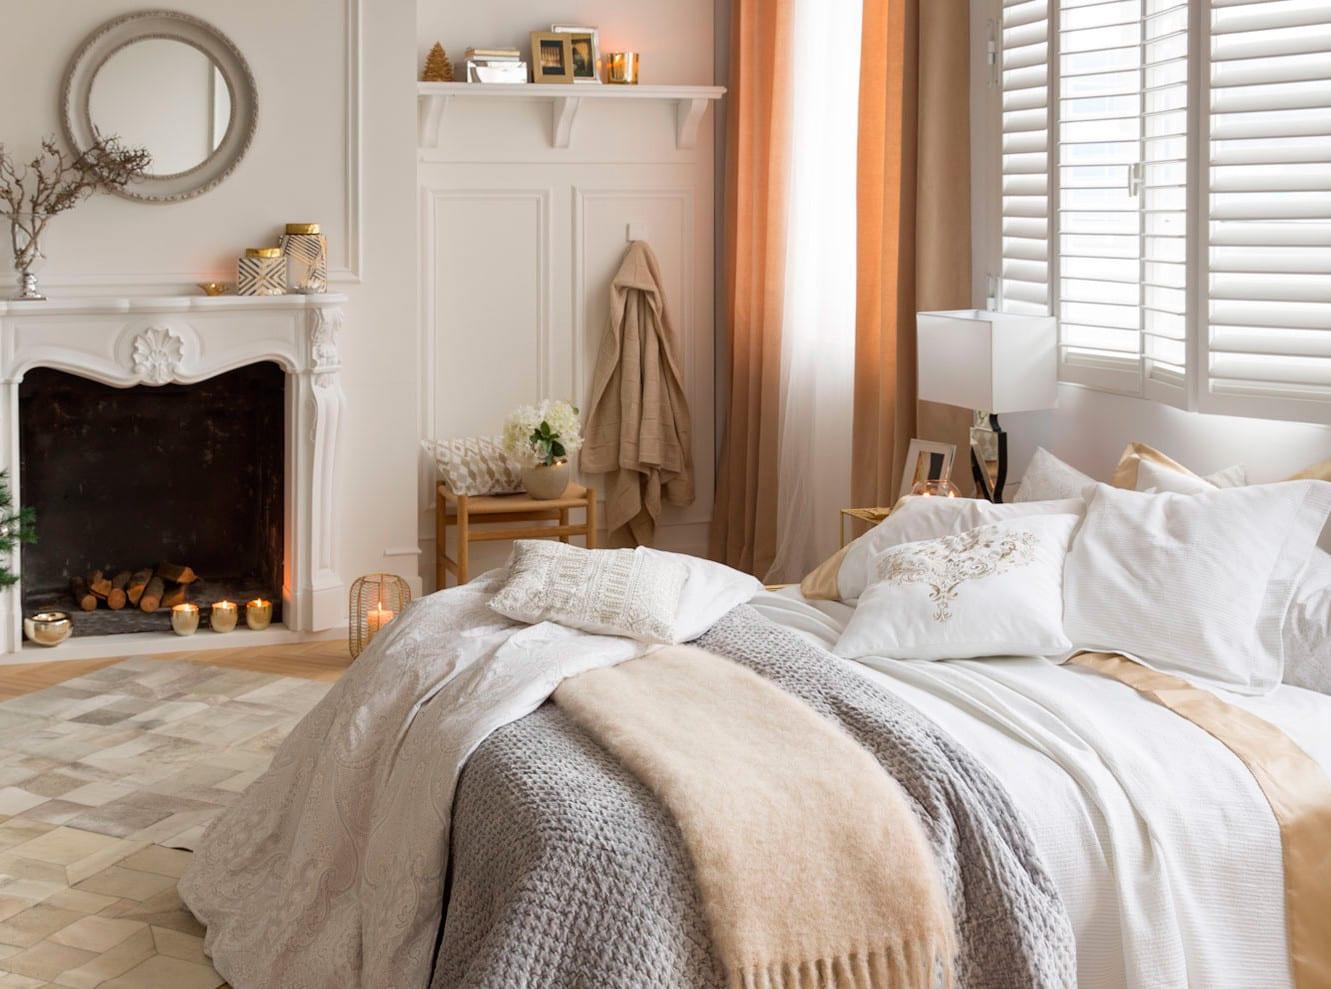 schlafzimmer modern mit kamin und gardinen beige_hara home decken und kissen mit stickerei